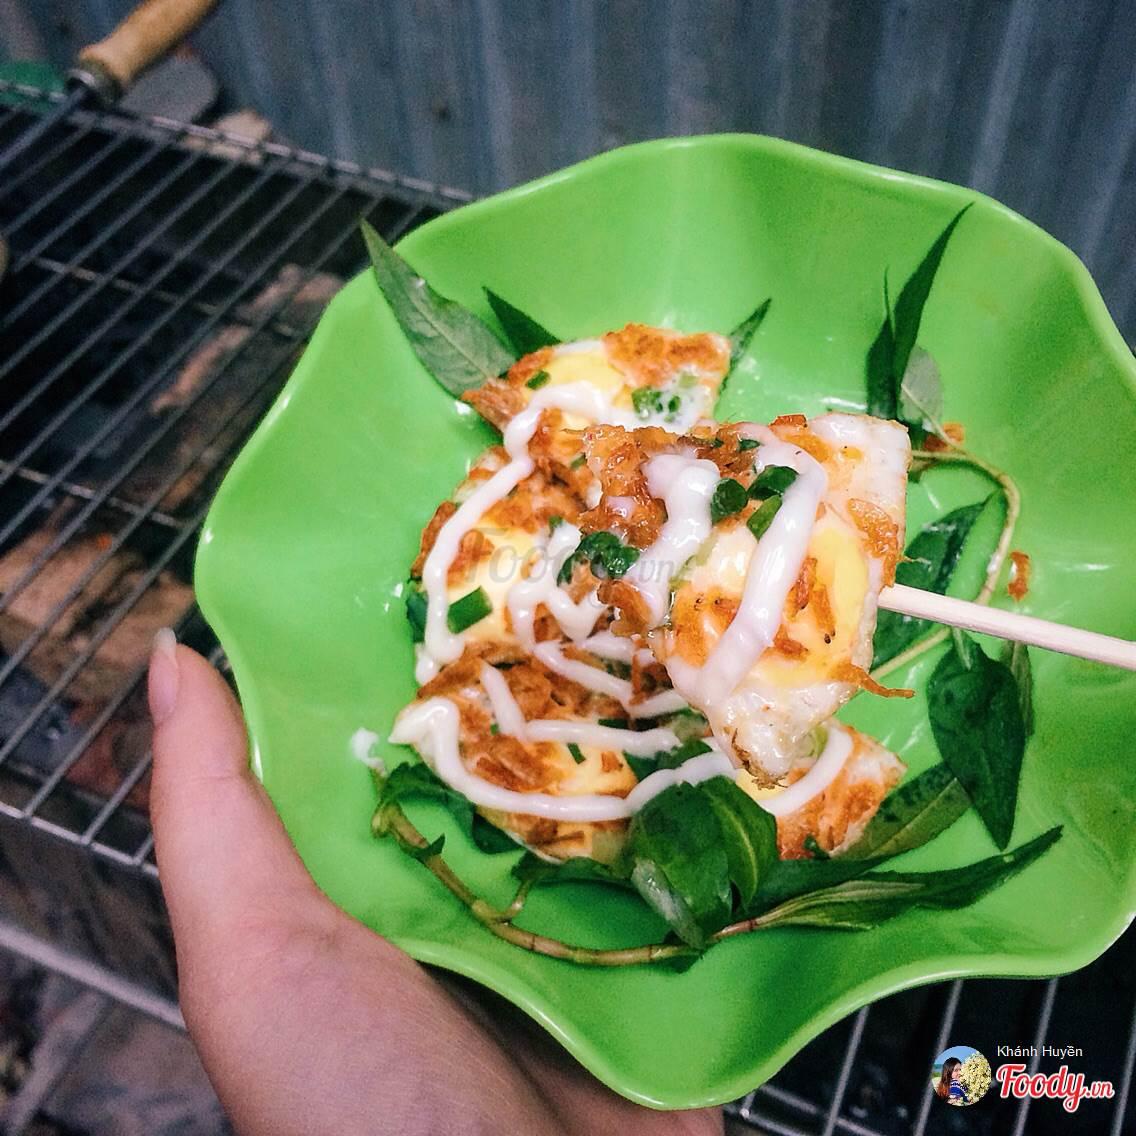 Tổng hợp những món ăn vặt hot ở Hà Nội hè 2016